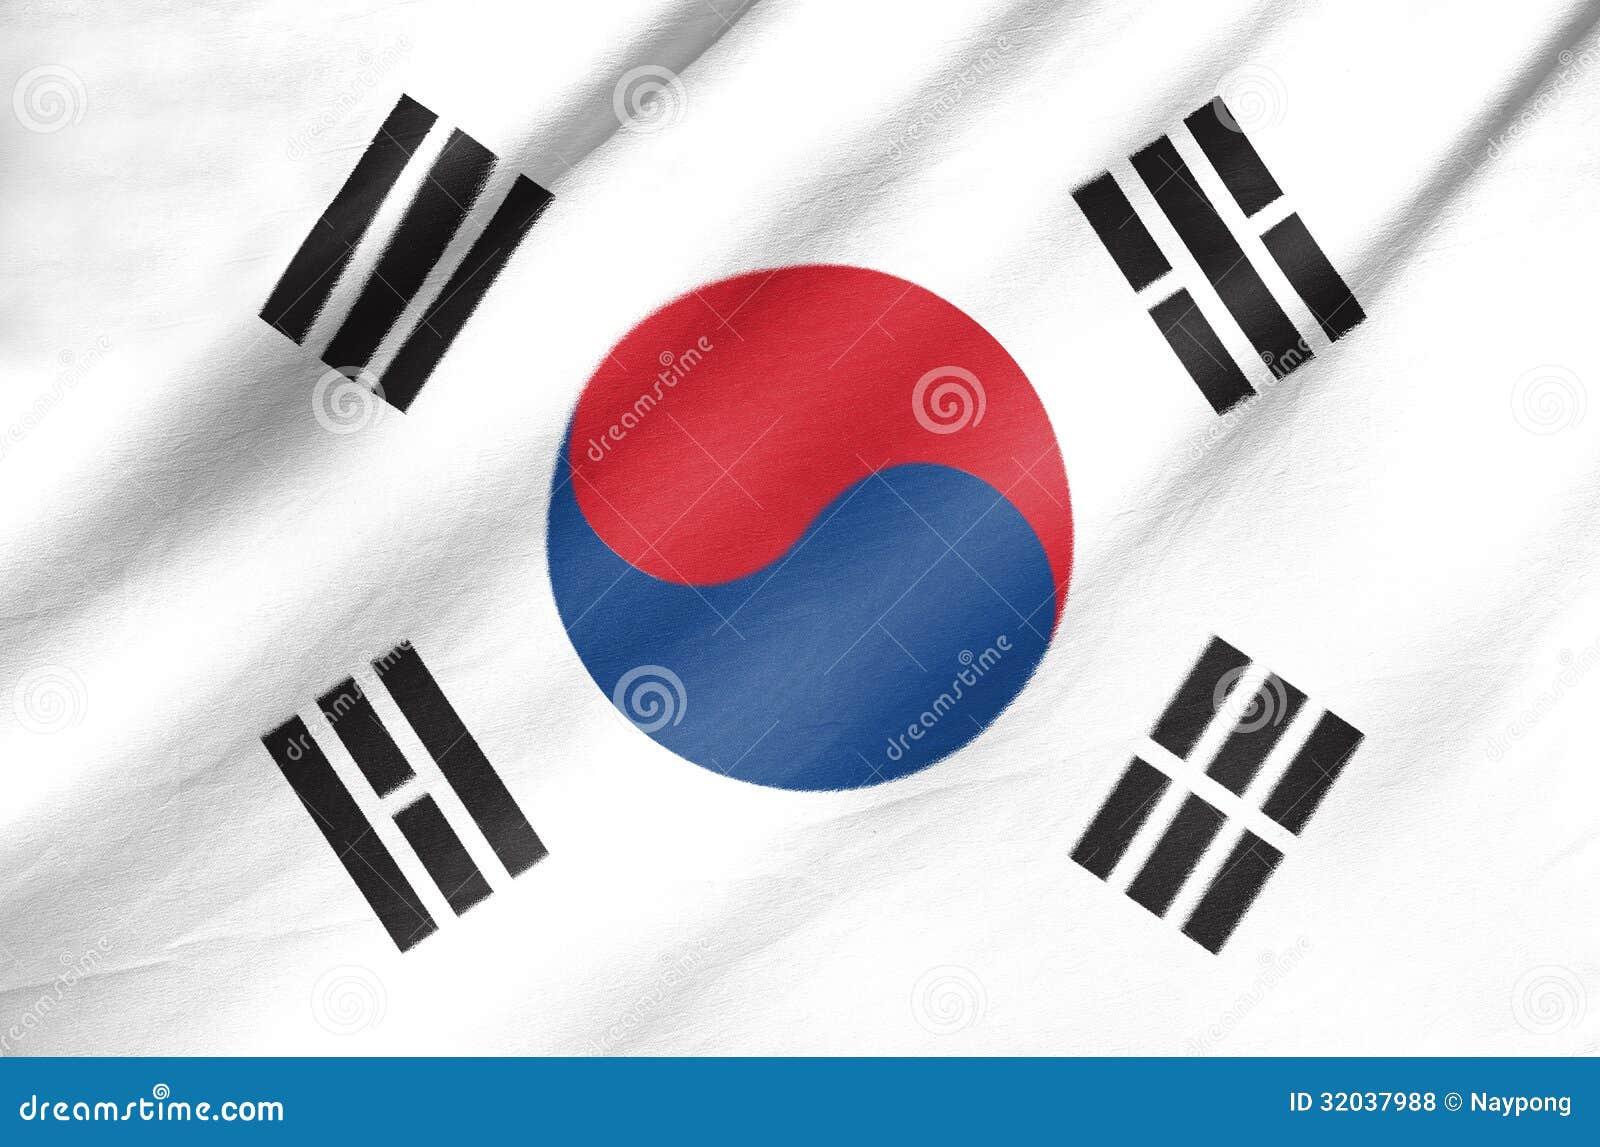 Bandera de la tela de la corea del sur fotos de archivo for Telas del sur